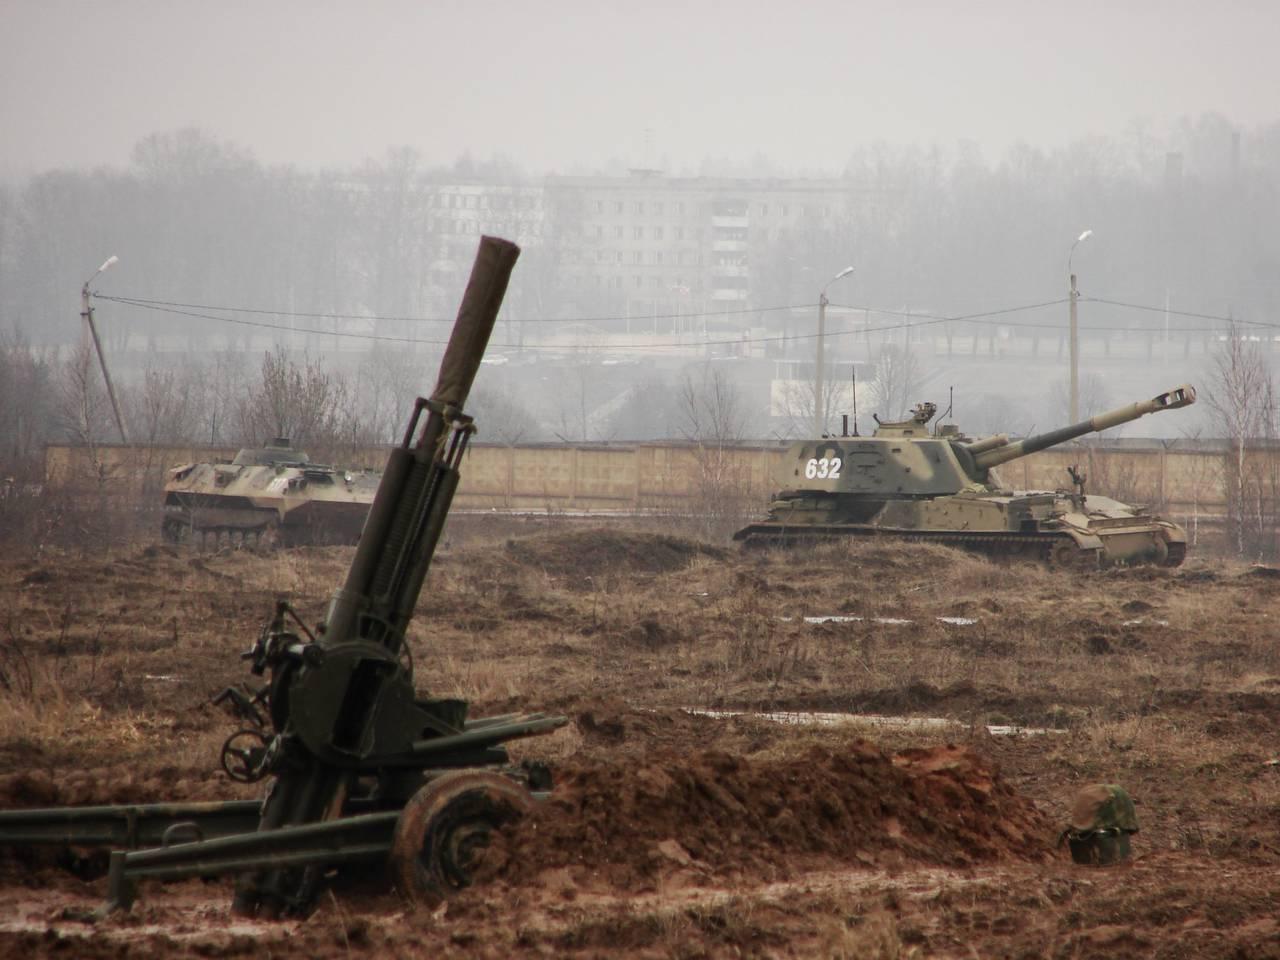 «ВС РФ разместили в Донецке мощное оружие» — сообщение разведки вызвало панику на Украине